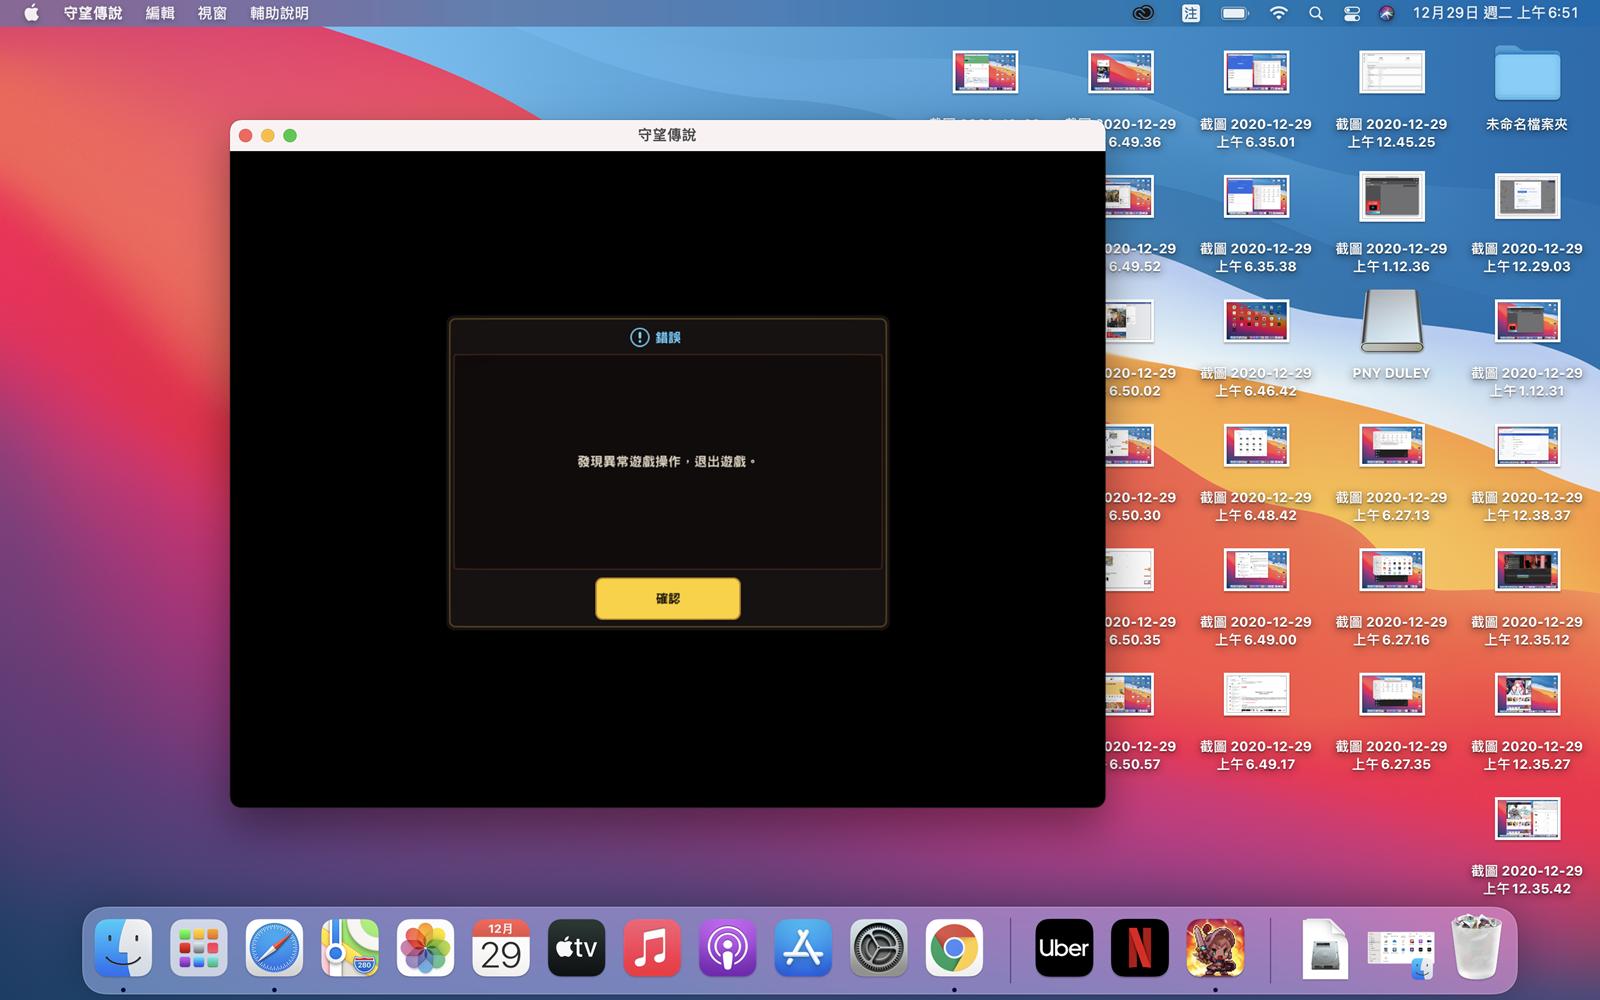 手動安裝任何 iPhone / iPad 應用到 M1 新款 Mac 設備上 (ipa 安裝),安兔兔破百萬分紀錄! @3C 達人廖阿輝